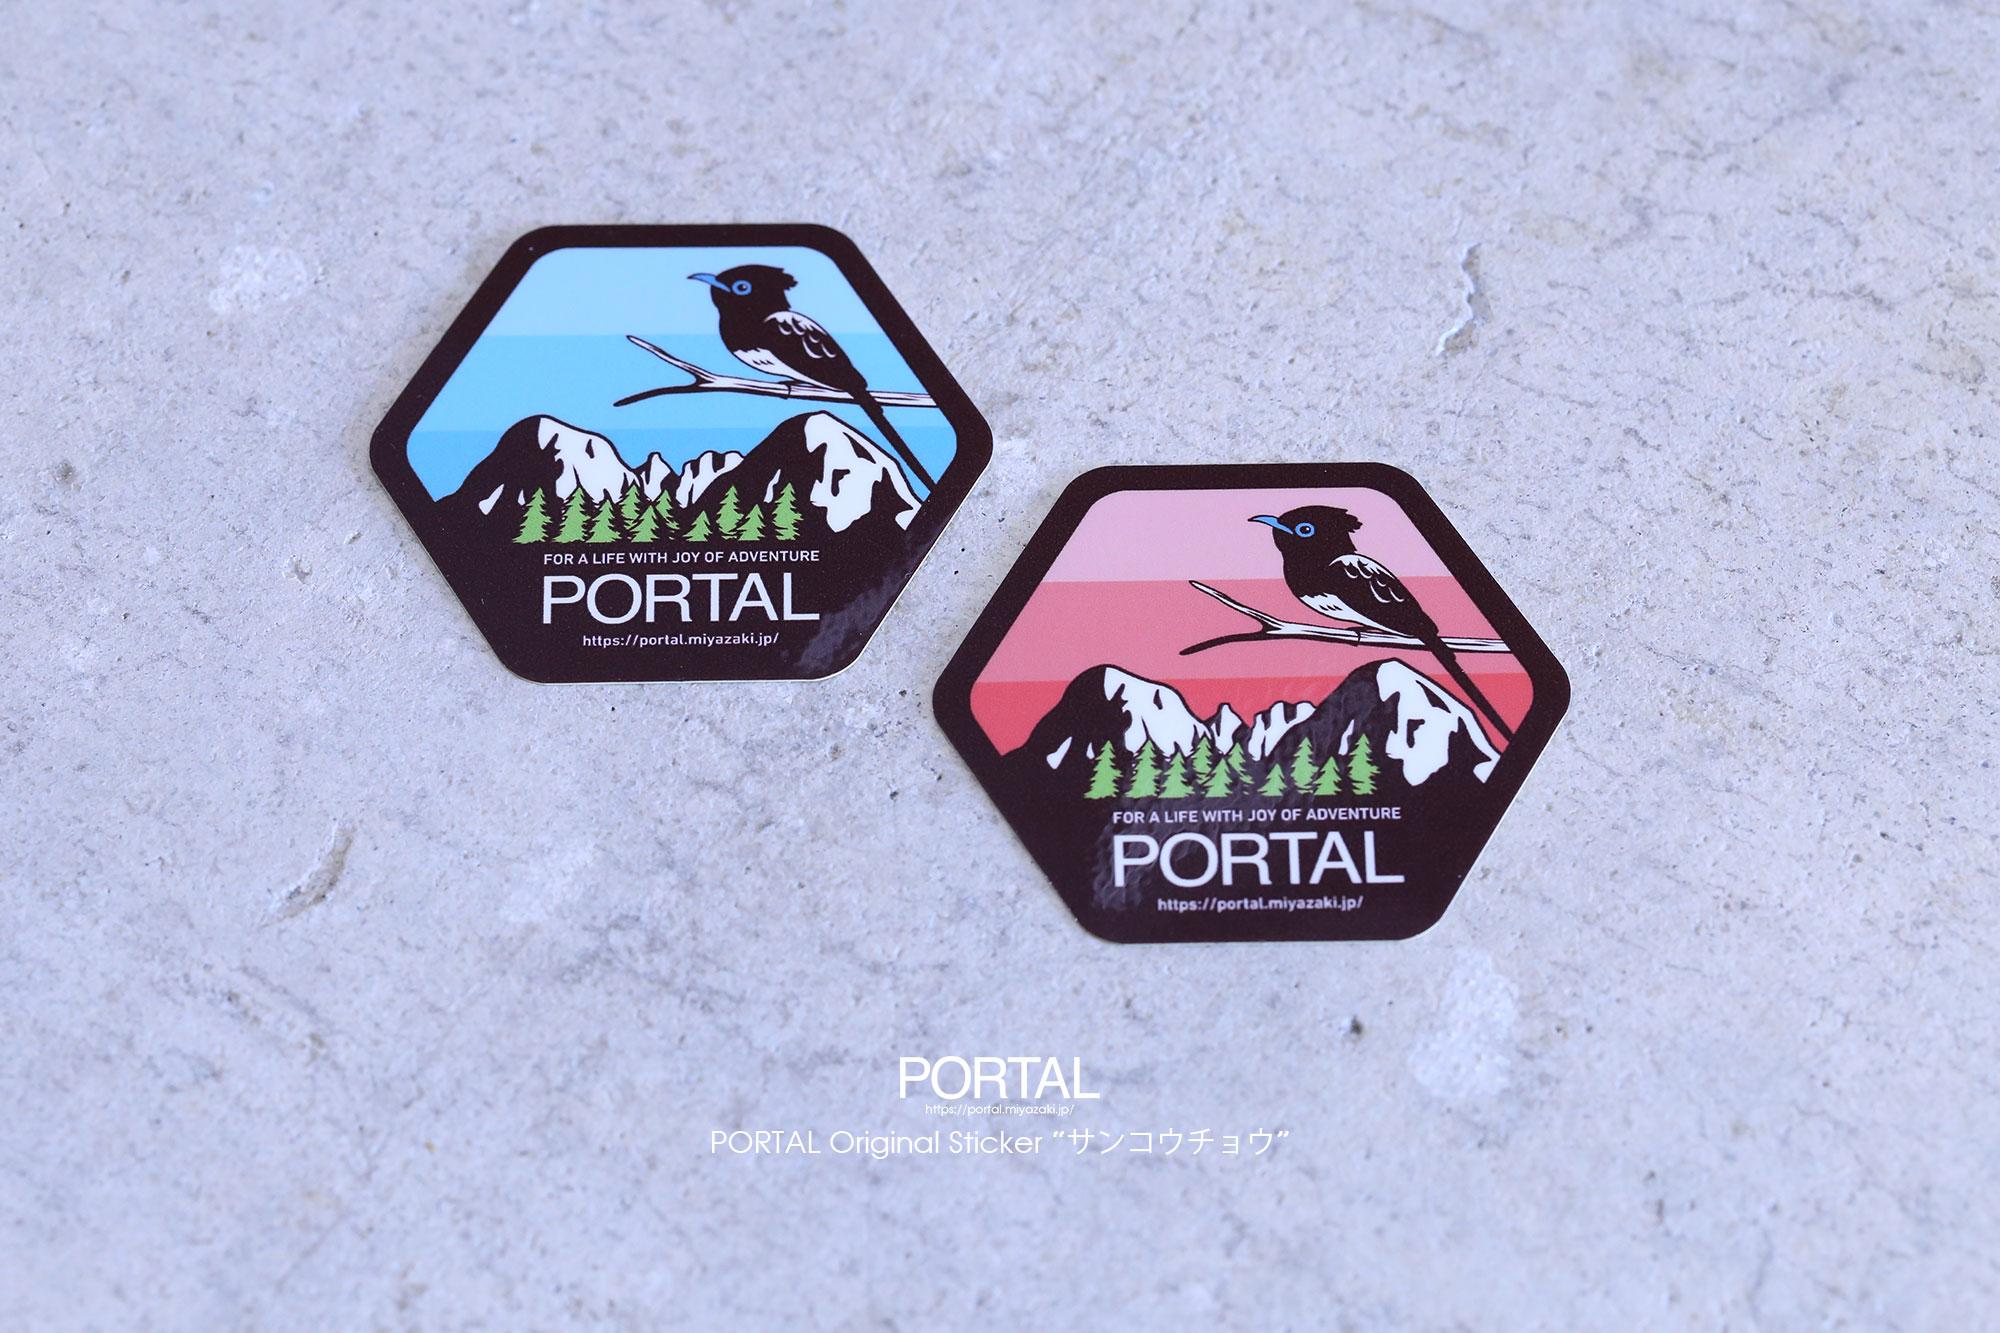 PORTAL Original Sticker